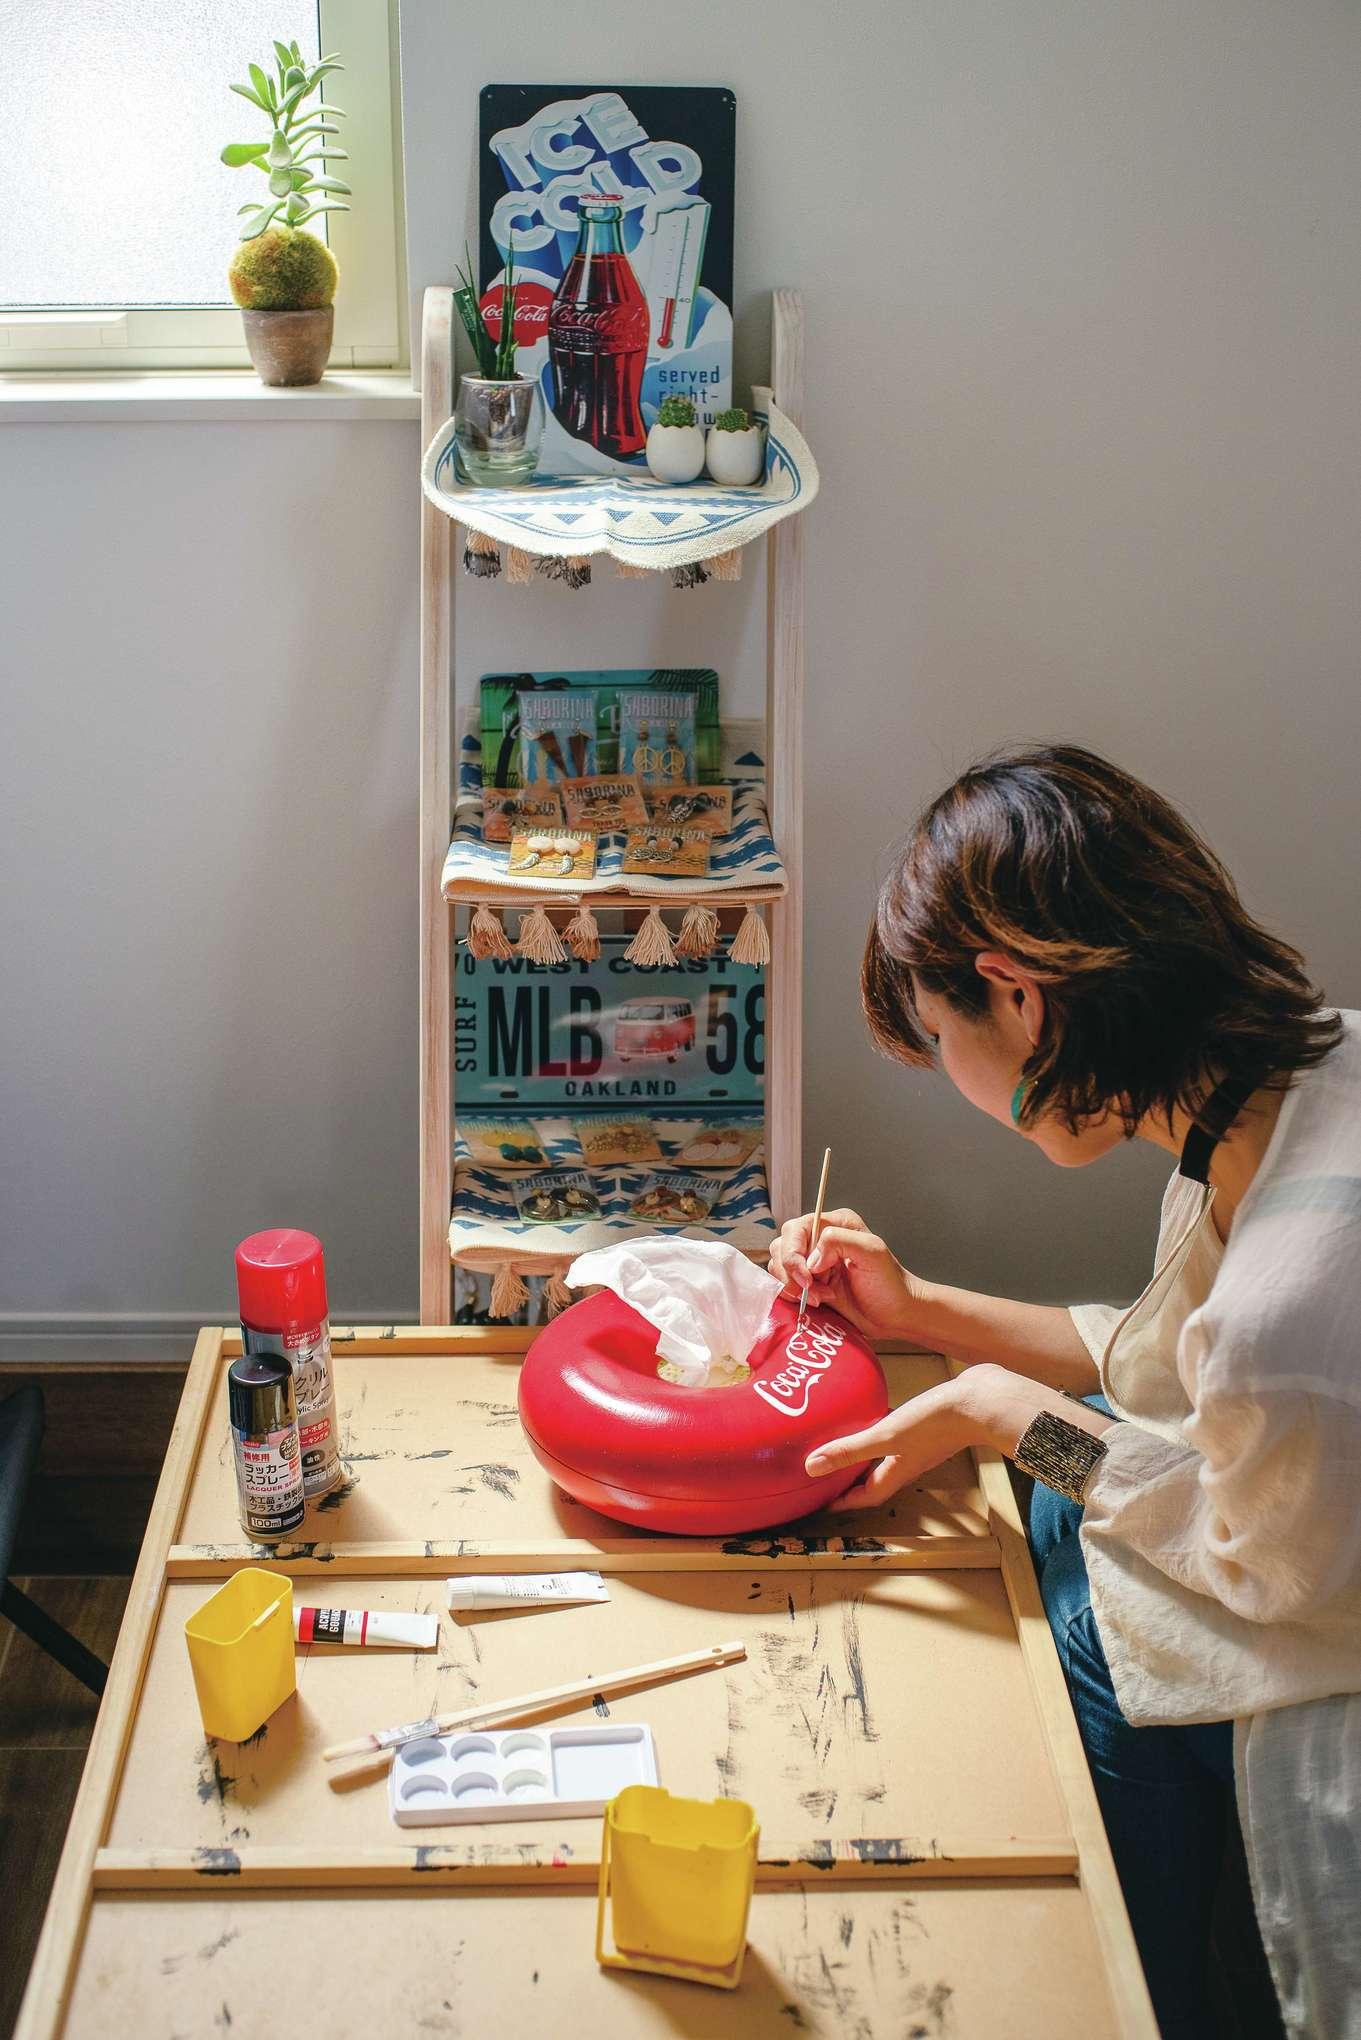 suzukuri 浜松店【デザイン住宅、インテリア、趣味】もともとネイリストの奥さま。器用な手先を活かしてハンドメイドのアクセサリーを作って自宅で販売している。土間仕立ての玄関を工房、客間、店舗として使えるよう自分でアレンジしたのがすごい。ペイント技術も素晴らしく、百均で買った何の変哲もないティッシュBOXがコカコーラの雑貨に早変わり!